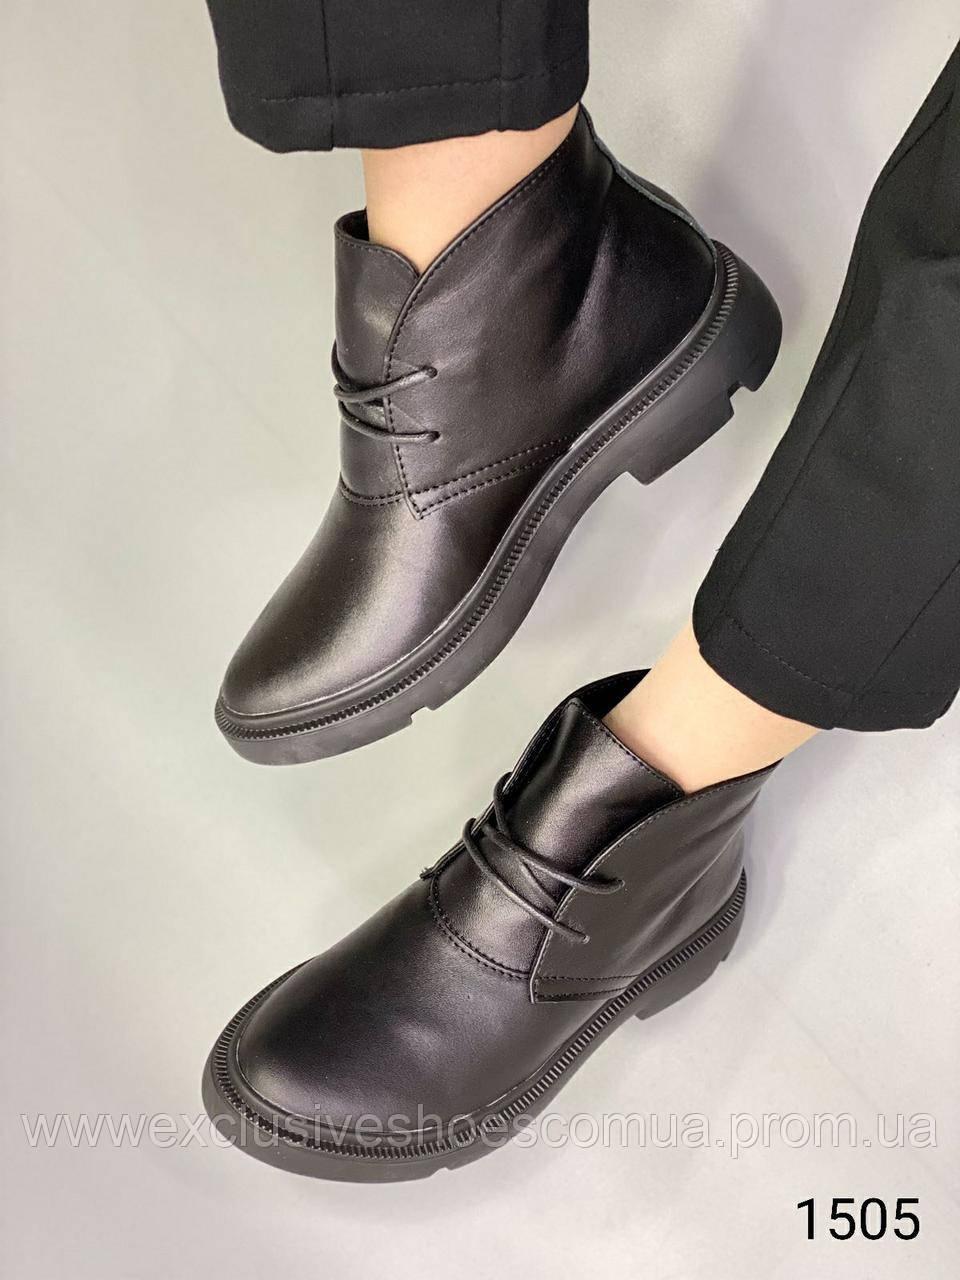 Черевики жіночі демісезонні шкіряні чорні класичні на шнурках